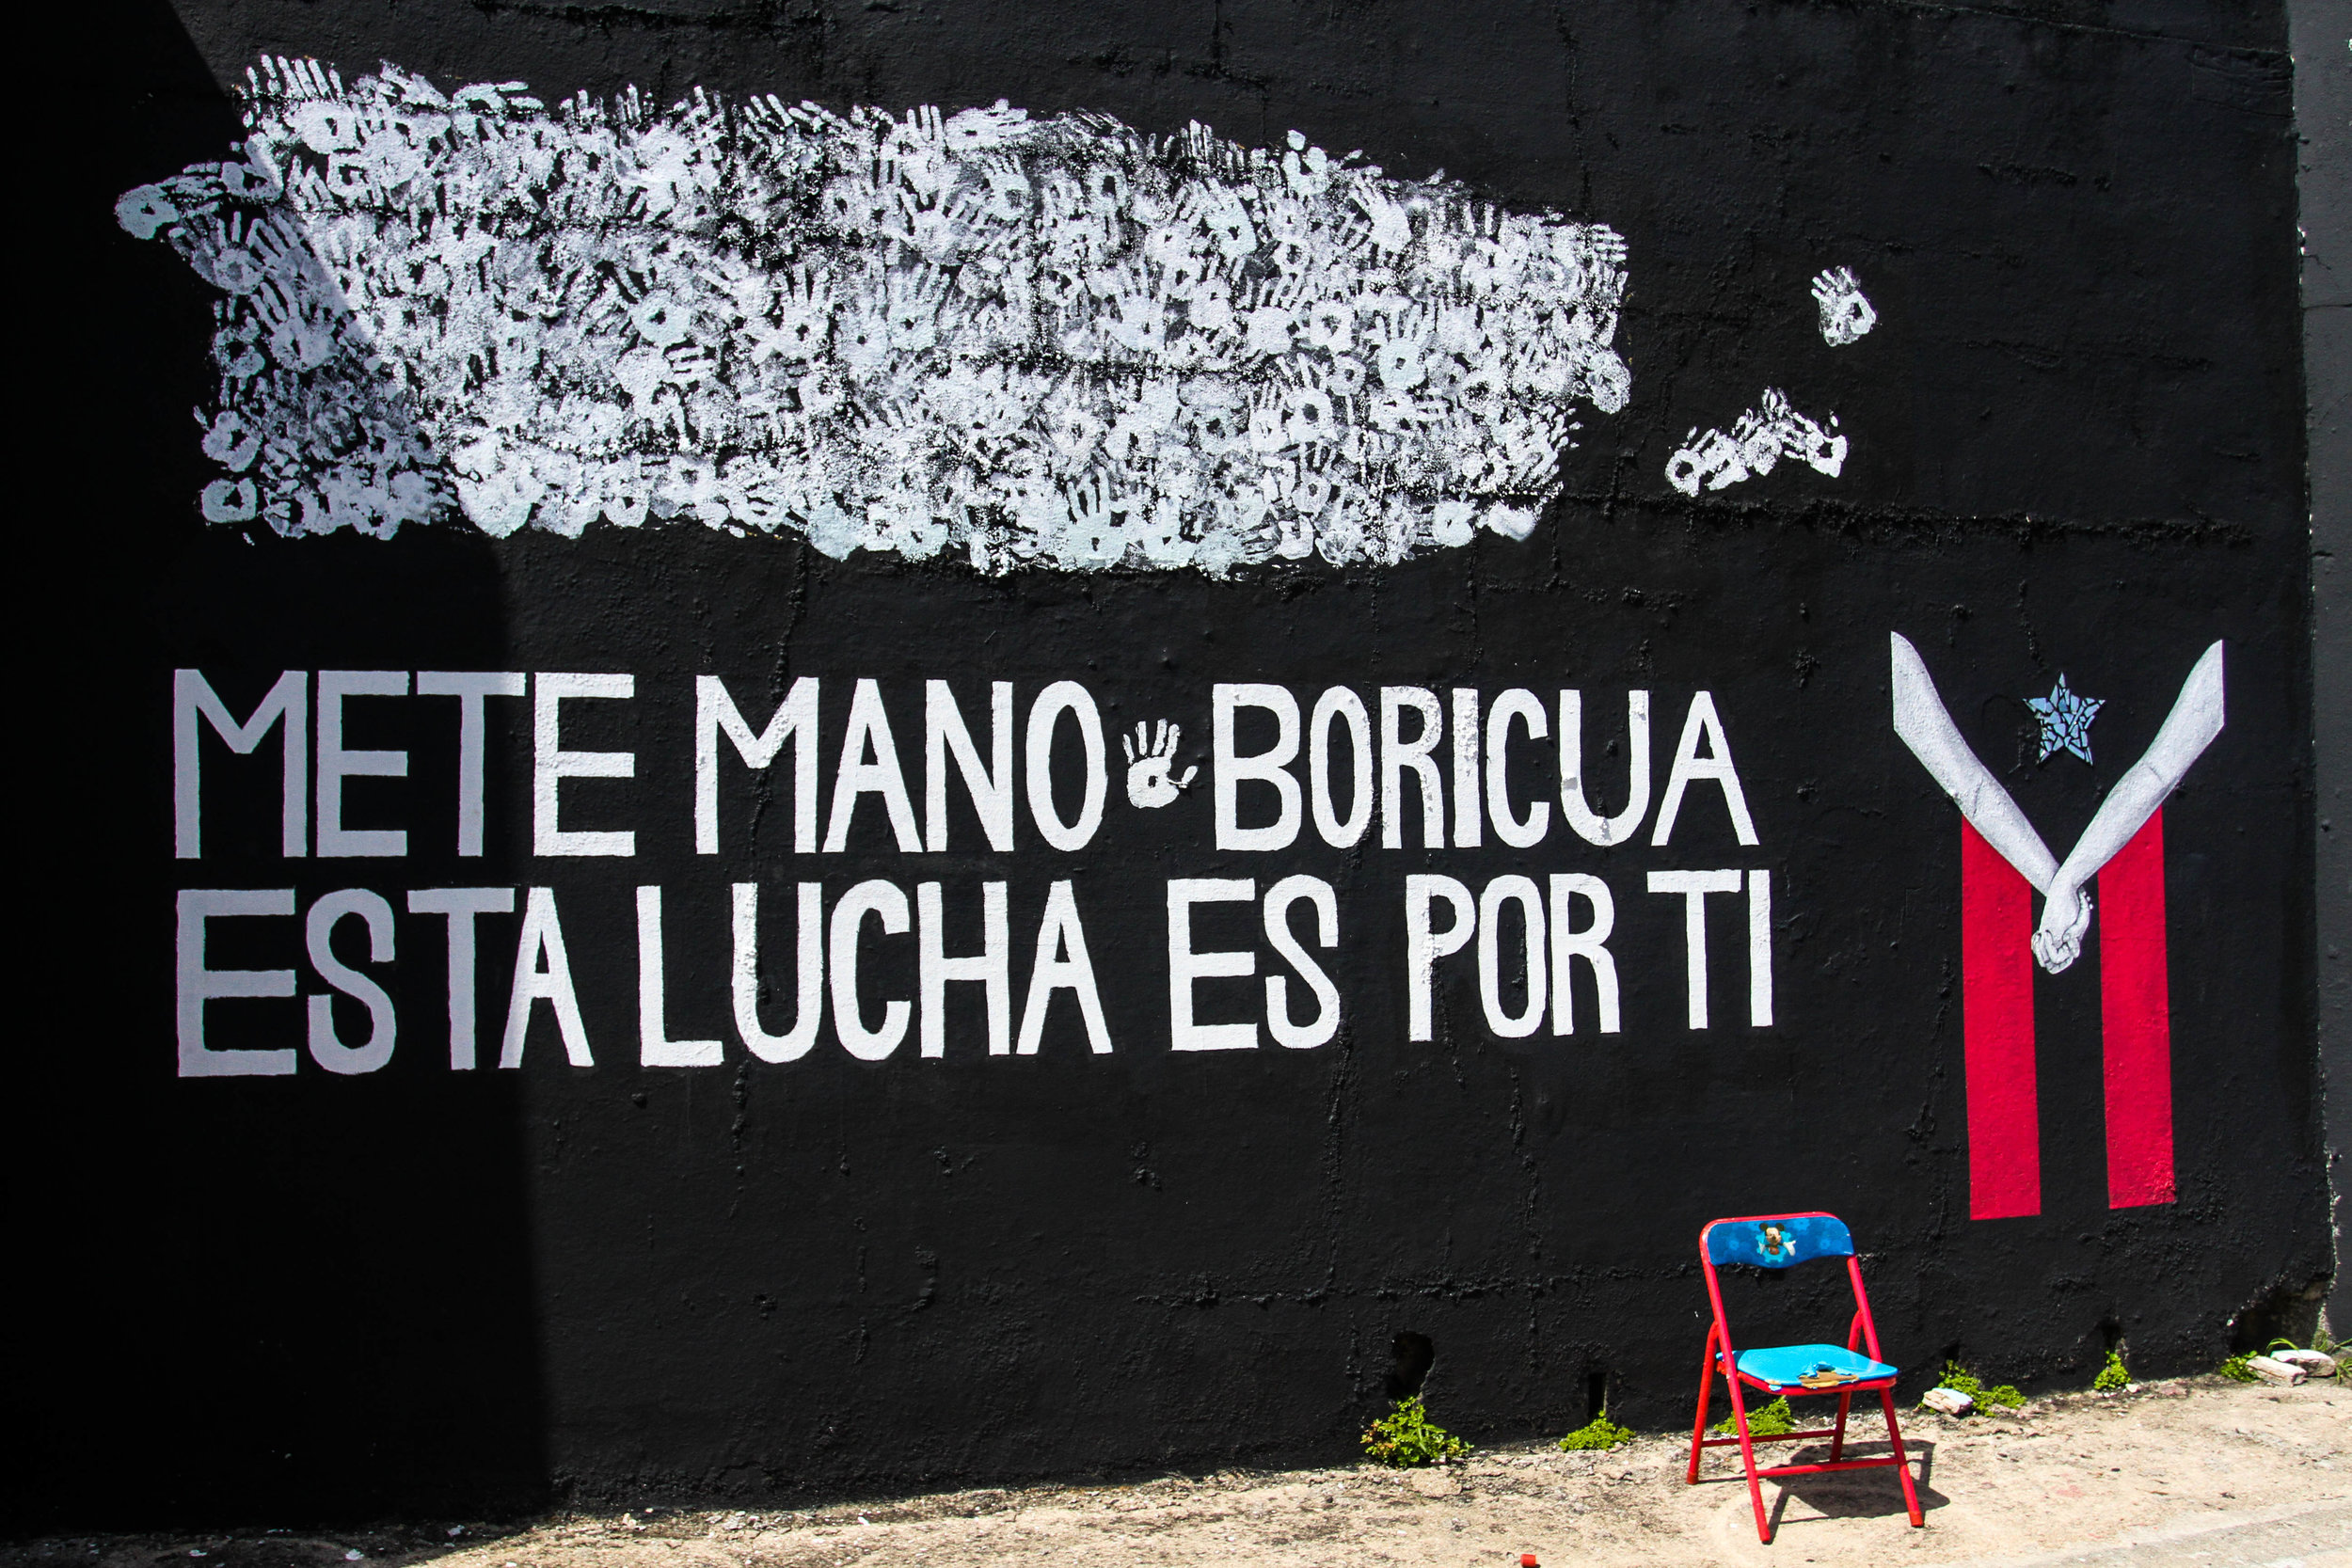 San Juan, PR 2017